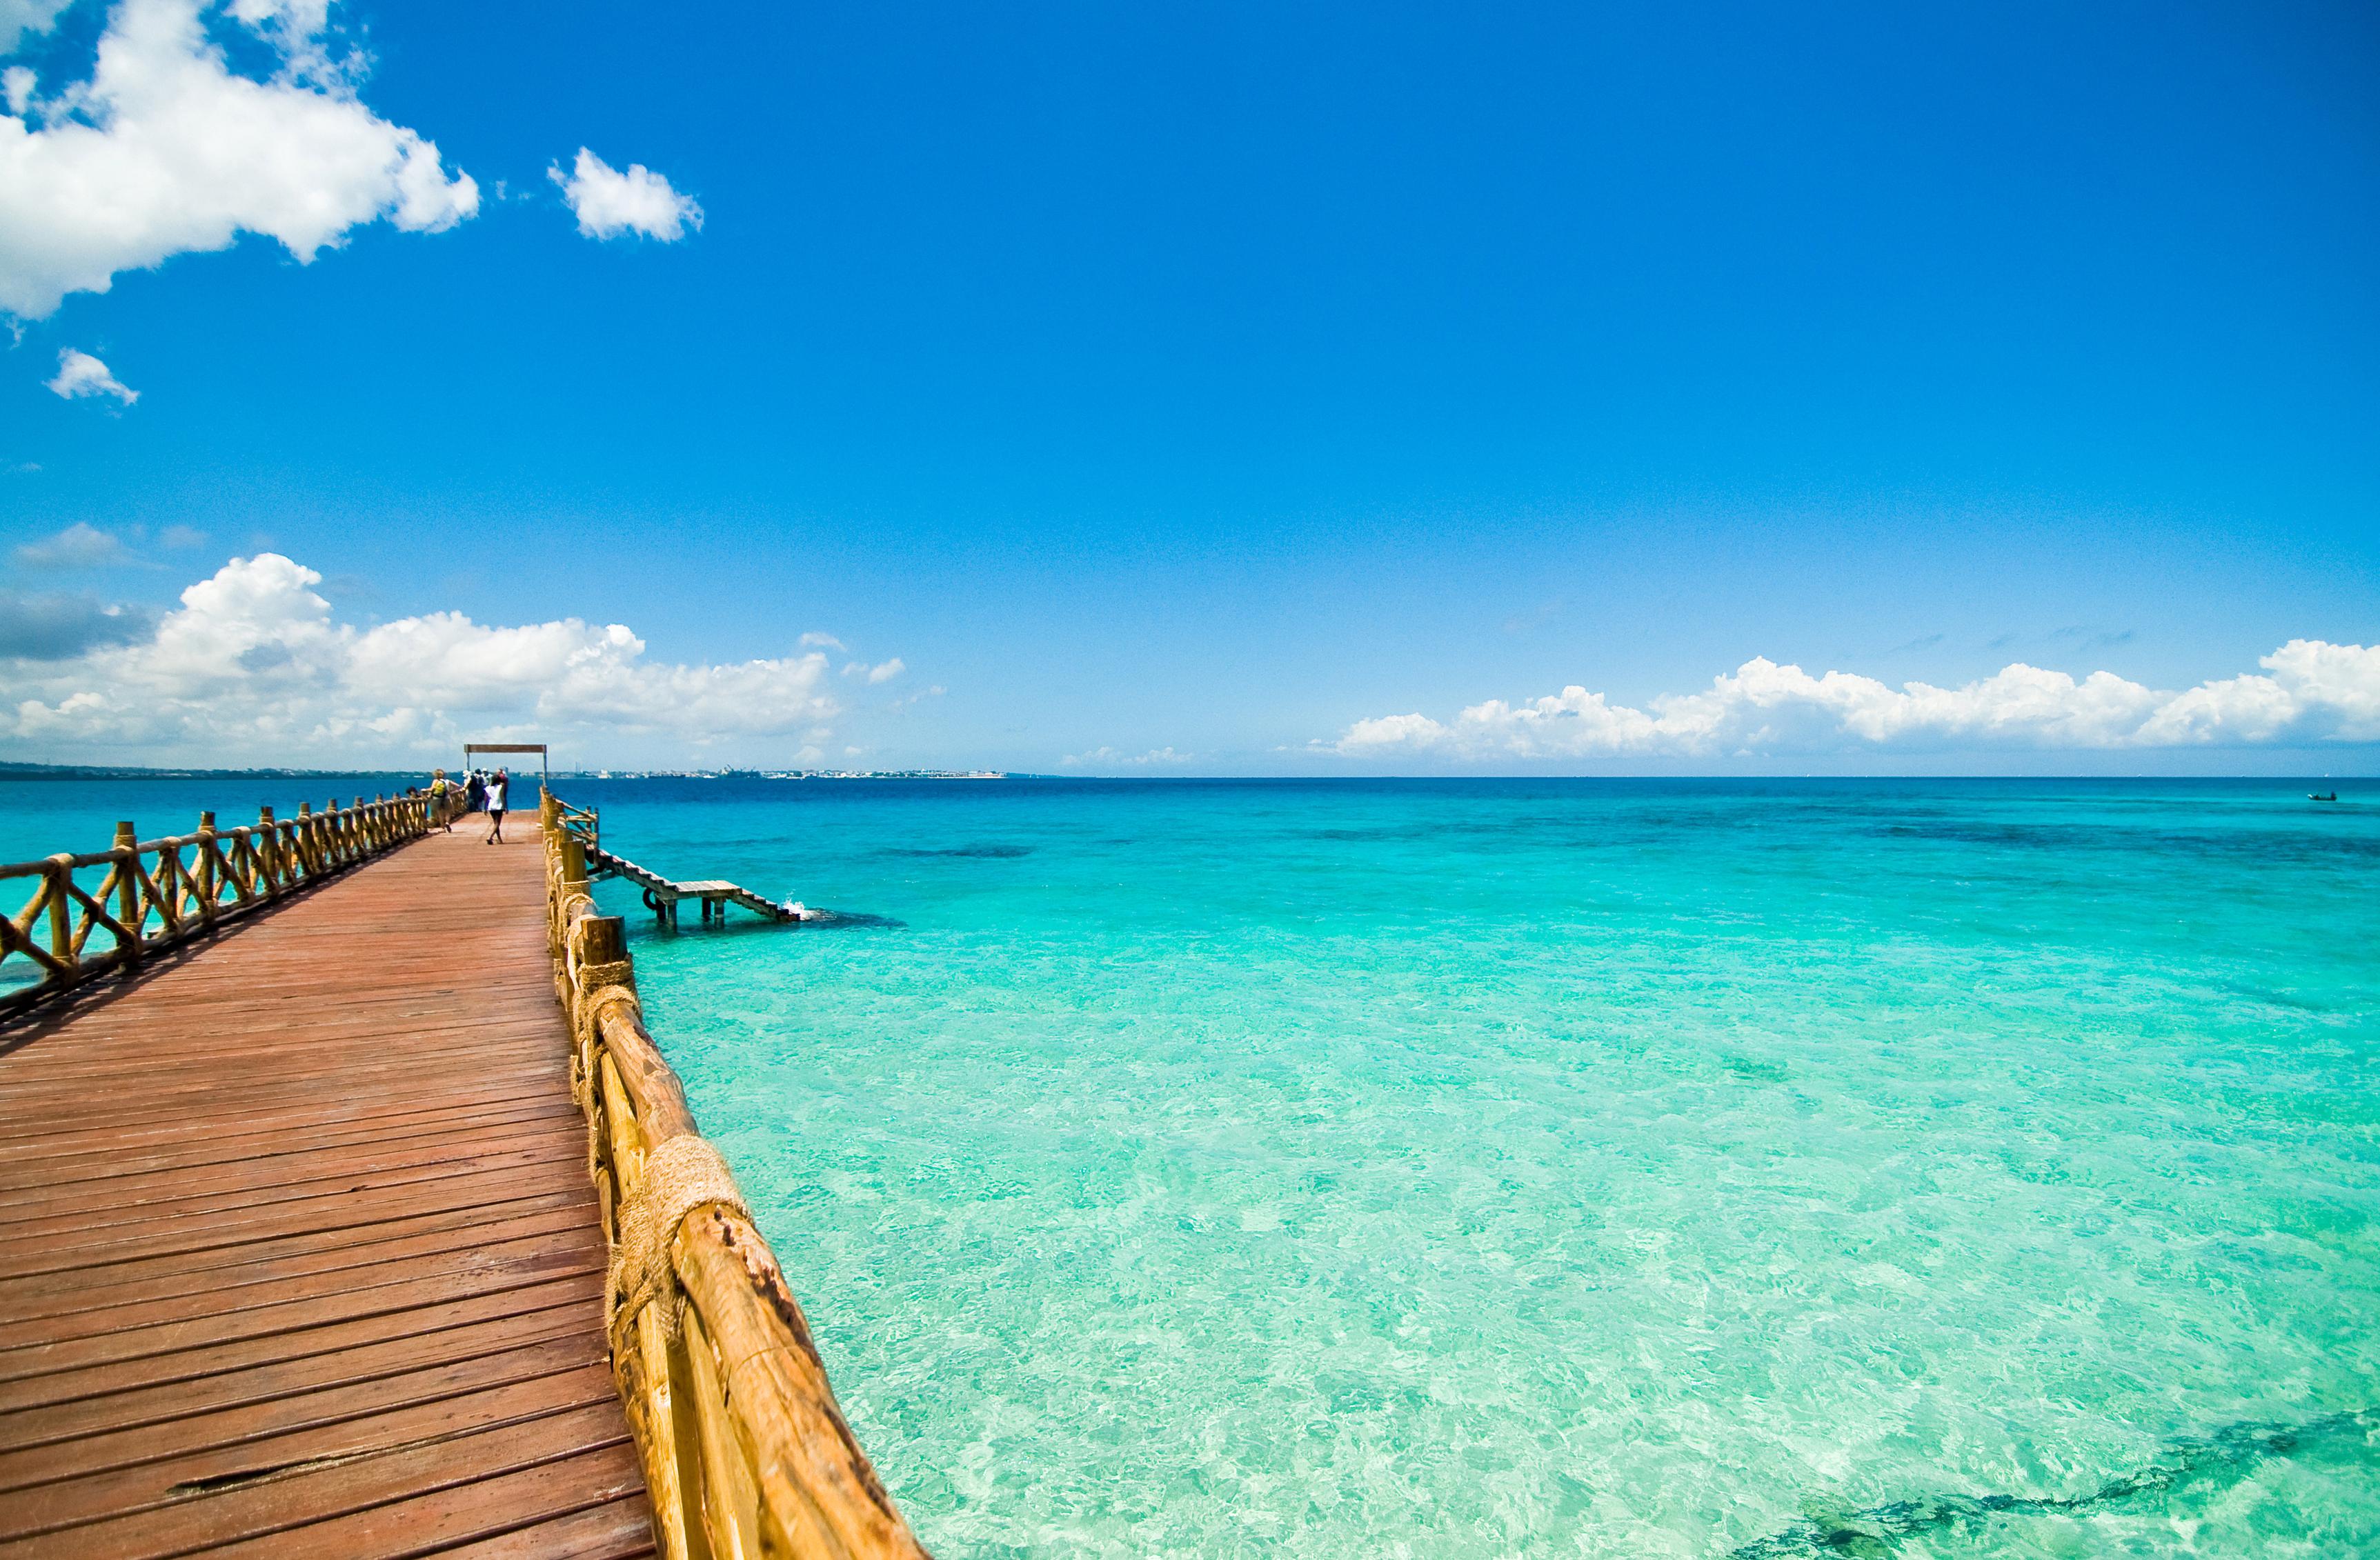 Viajes a Islas de Tanzania. Extensiones Costa